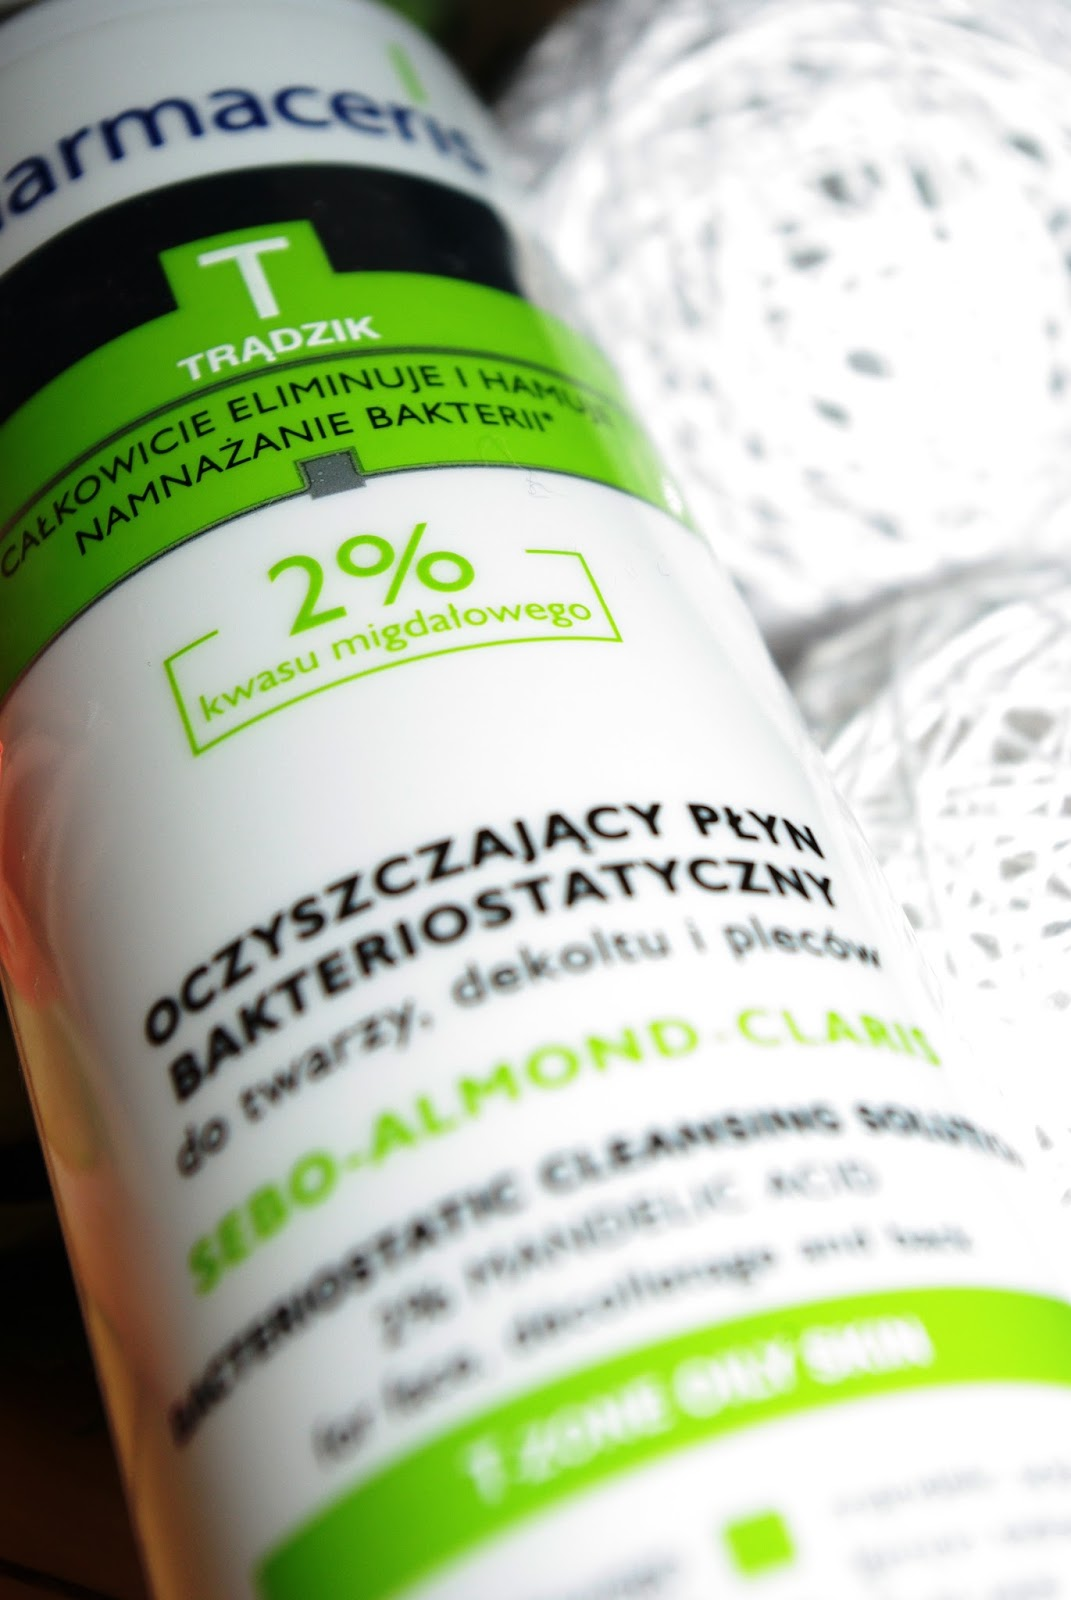 Pharmaceris - Oczyszczający płyn bakteriostatyczny.